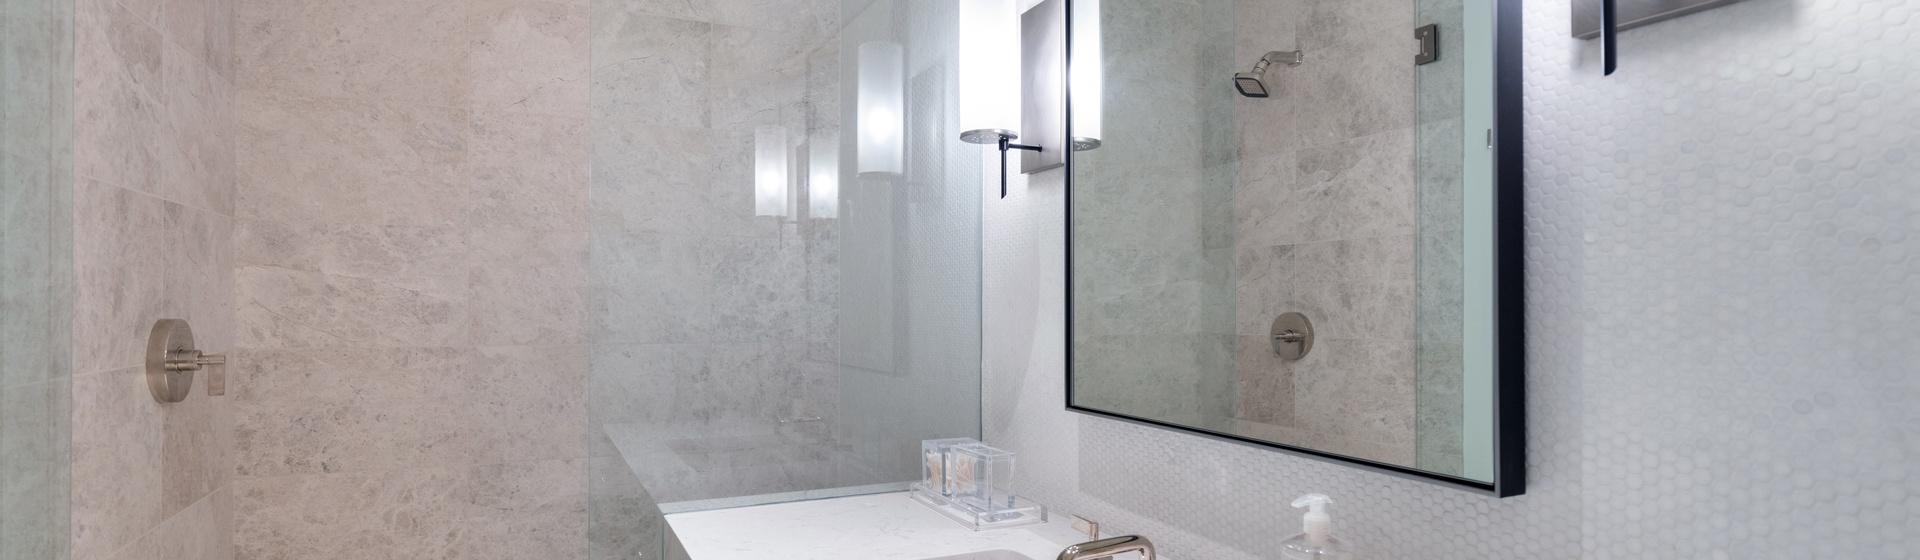 25-Telluride-Vacation-Rental-Cloud-Nine-Guest-Bathroom-1